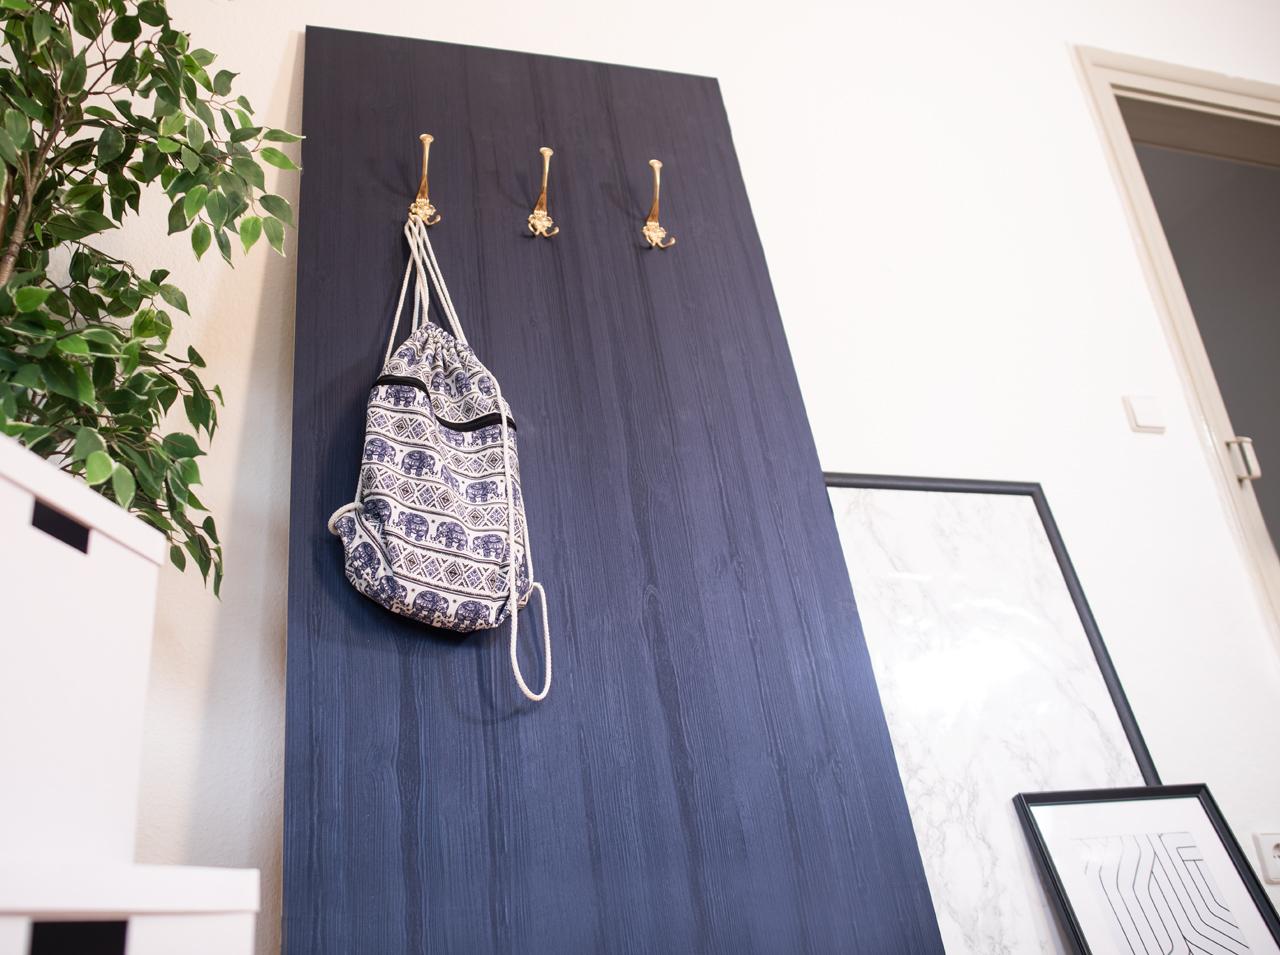 Pannello da parete con pellicola decorativa d-c-fix® e ganci appendiabiti come attaccapanni fai-da-te dall'effetto legno